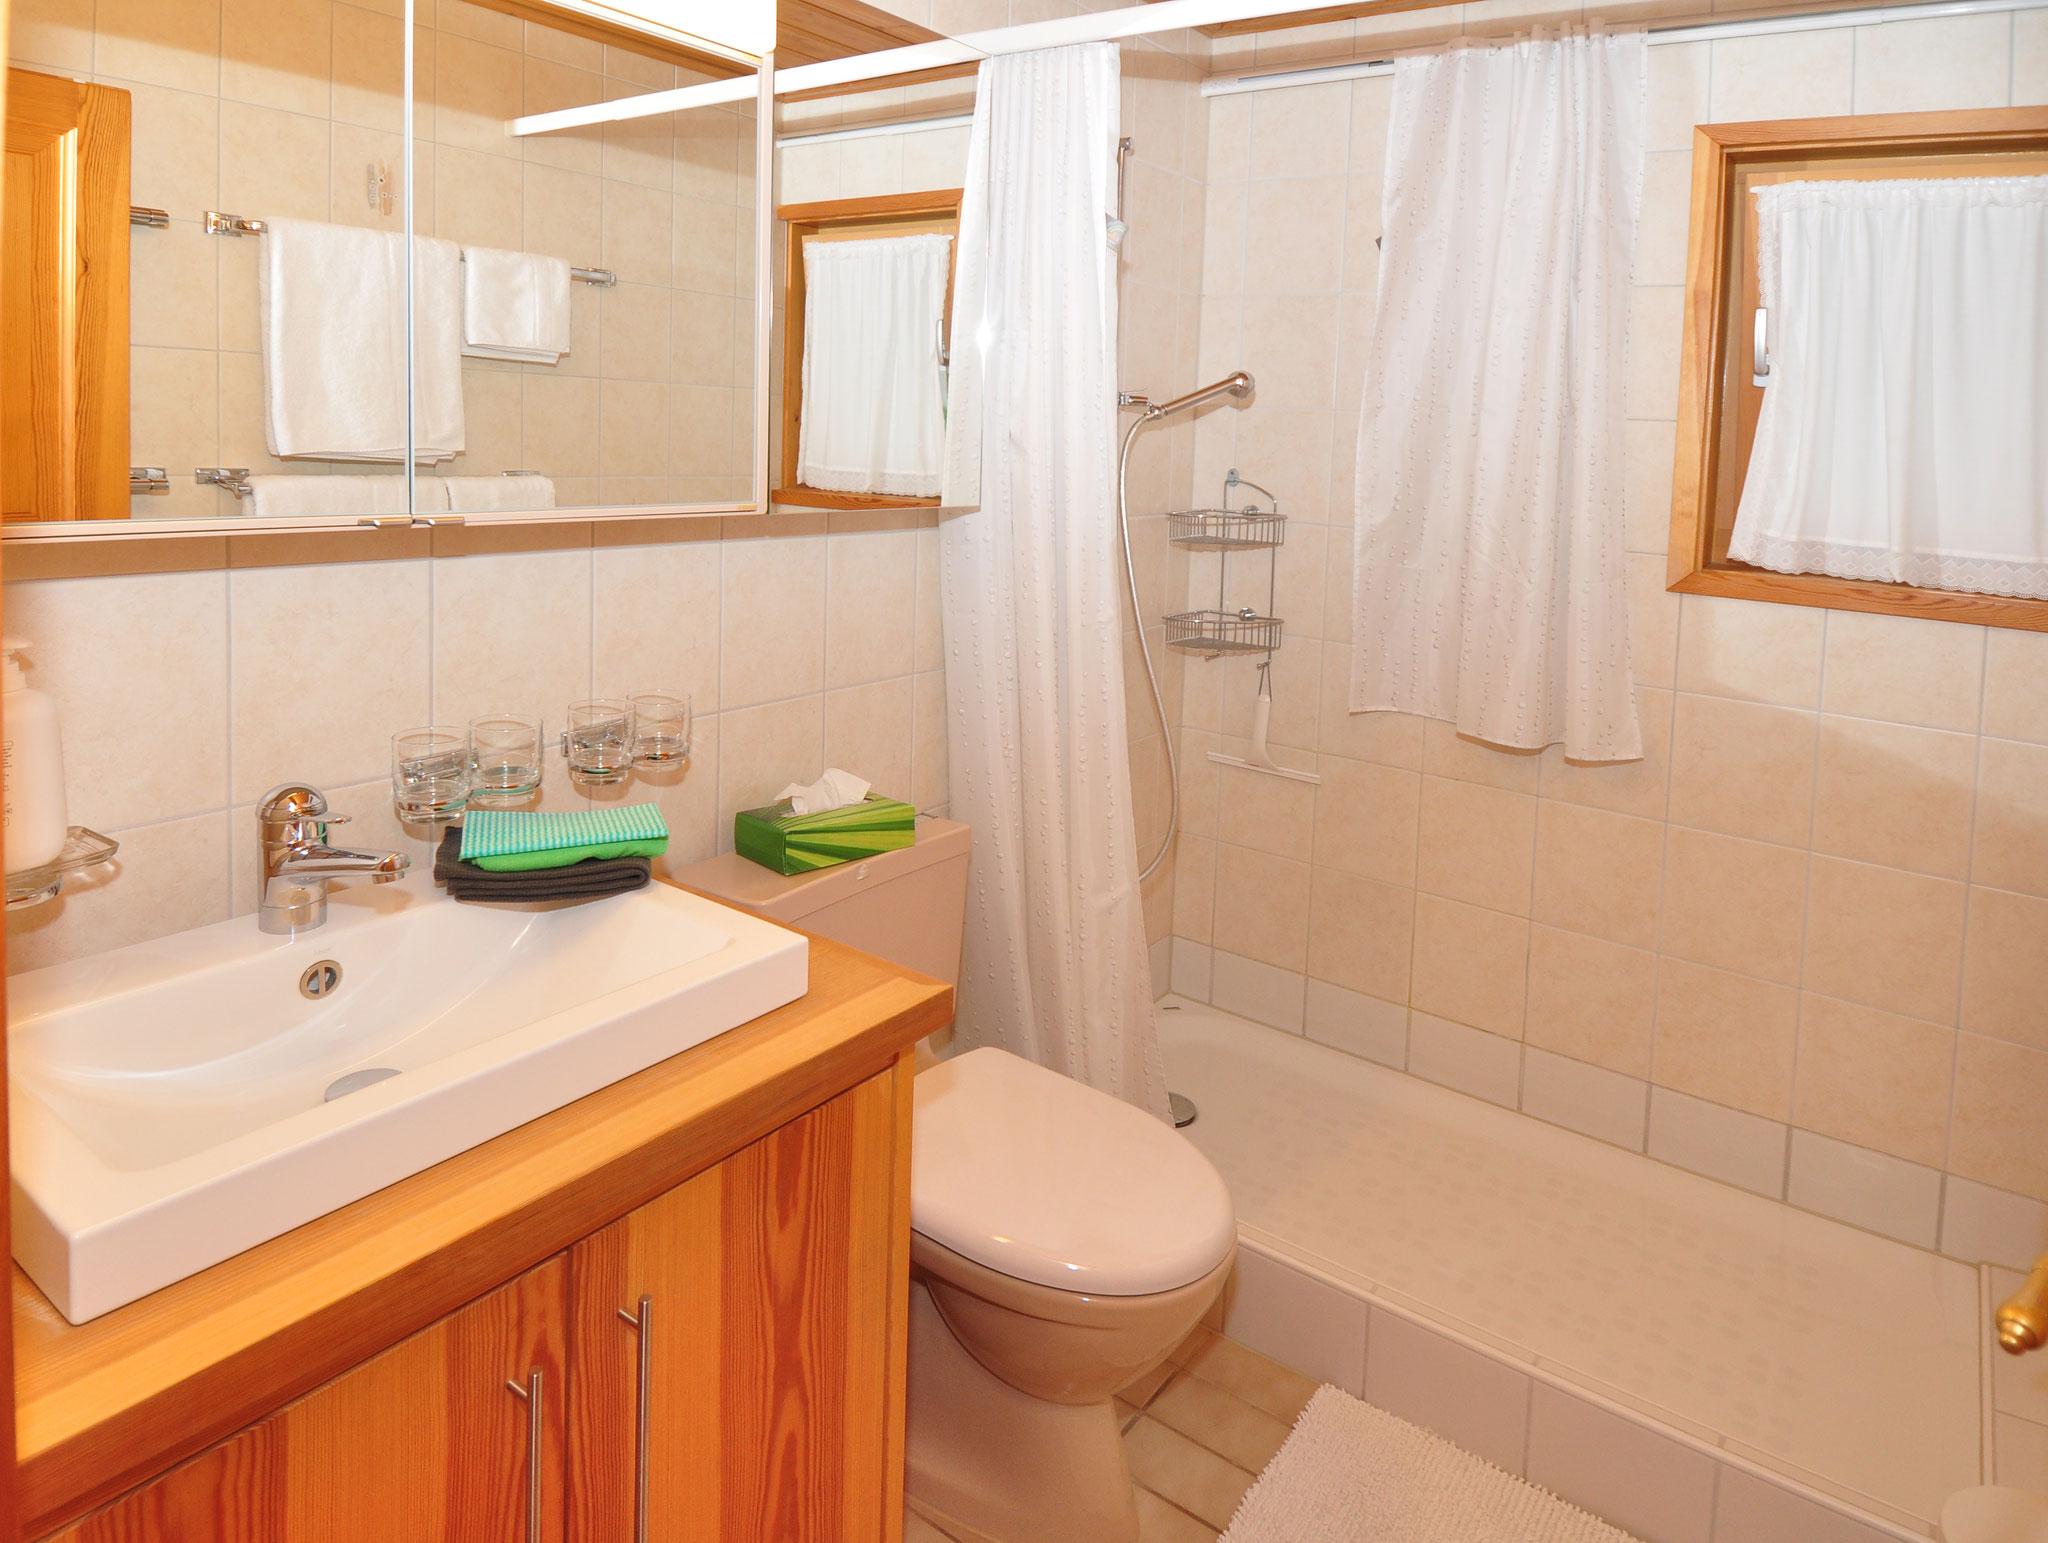 Das funktionelle Bad mit grosser Duschwanne und WC